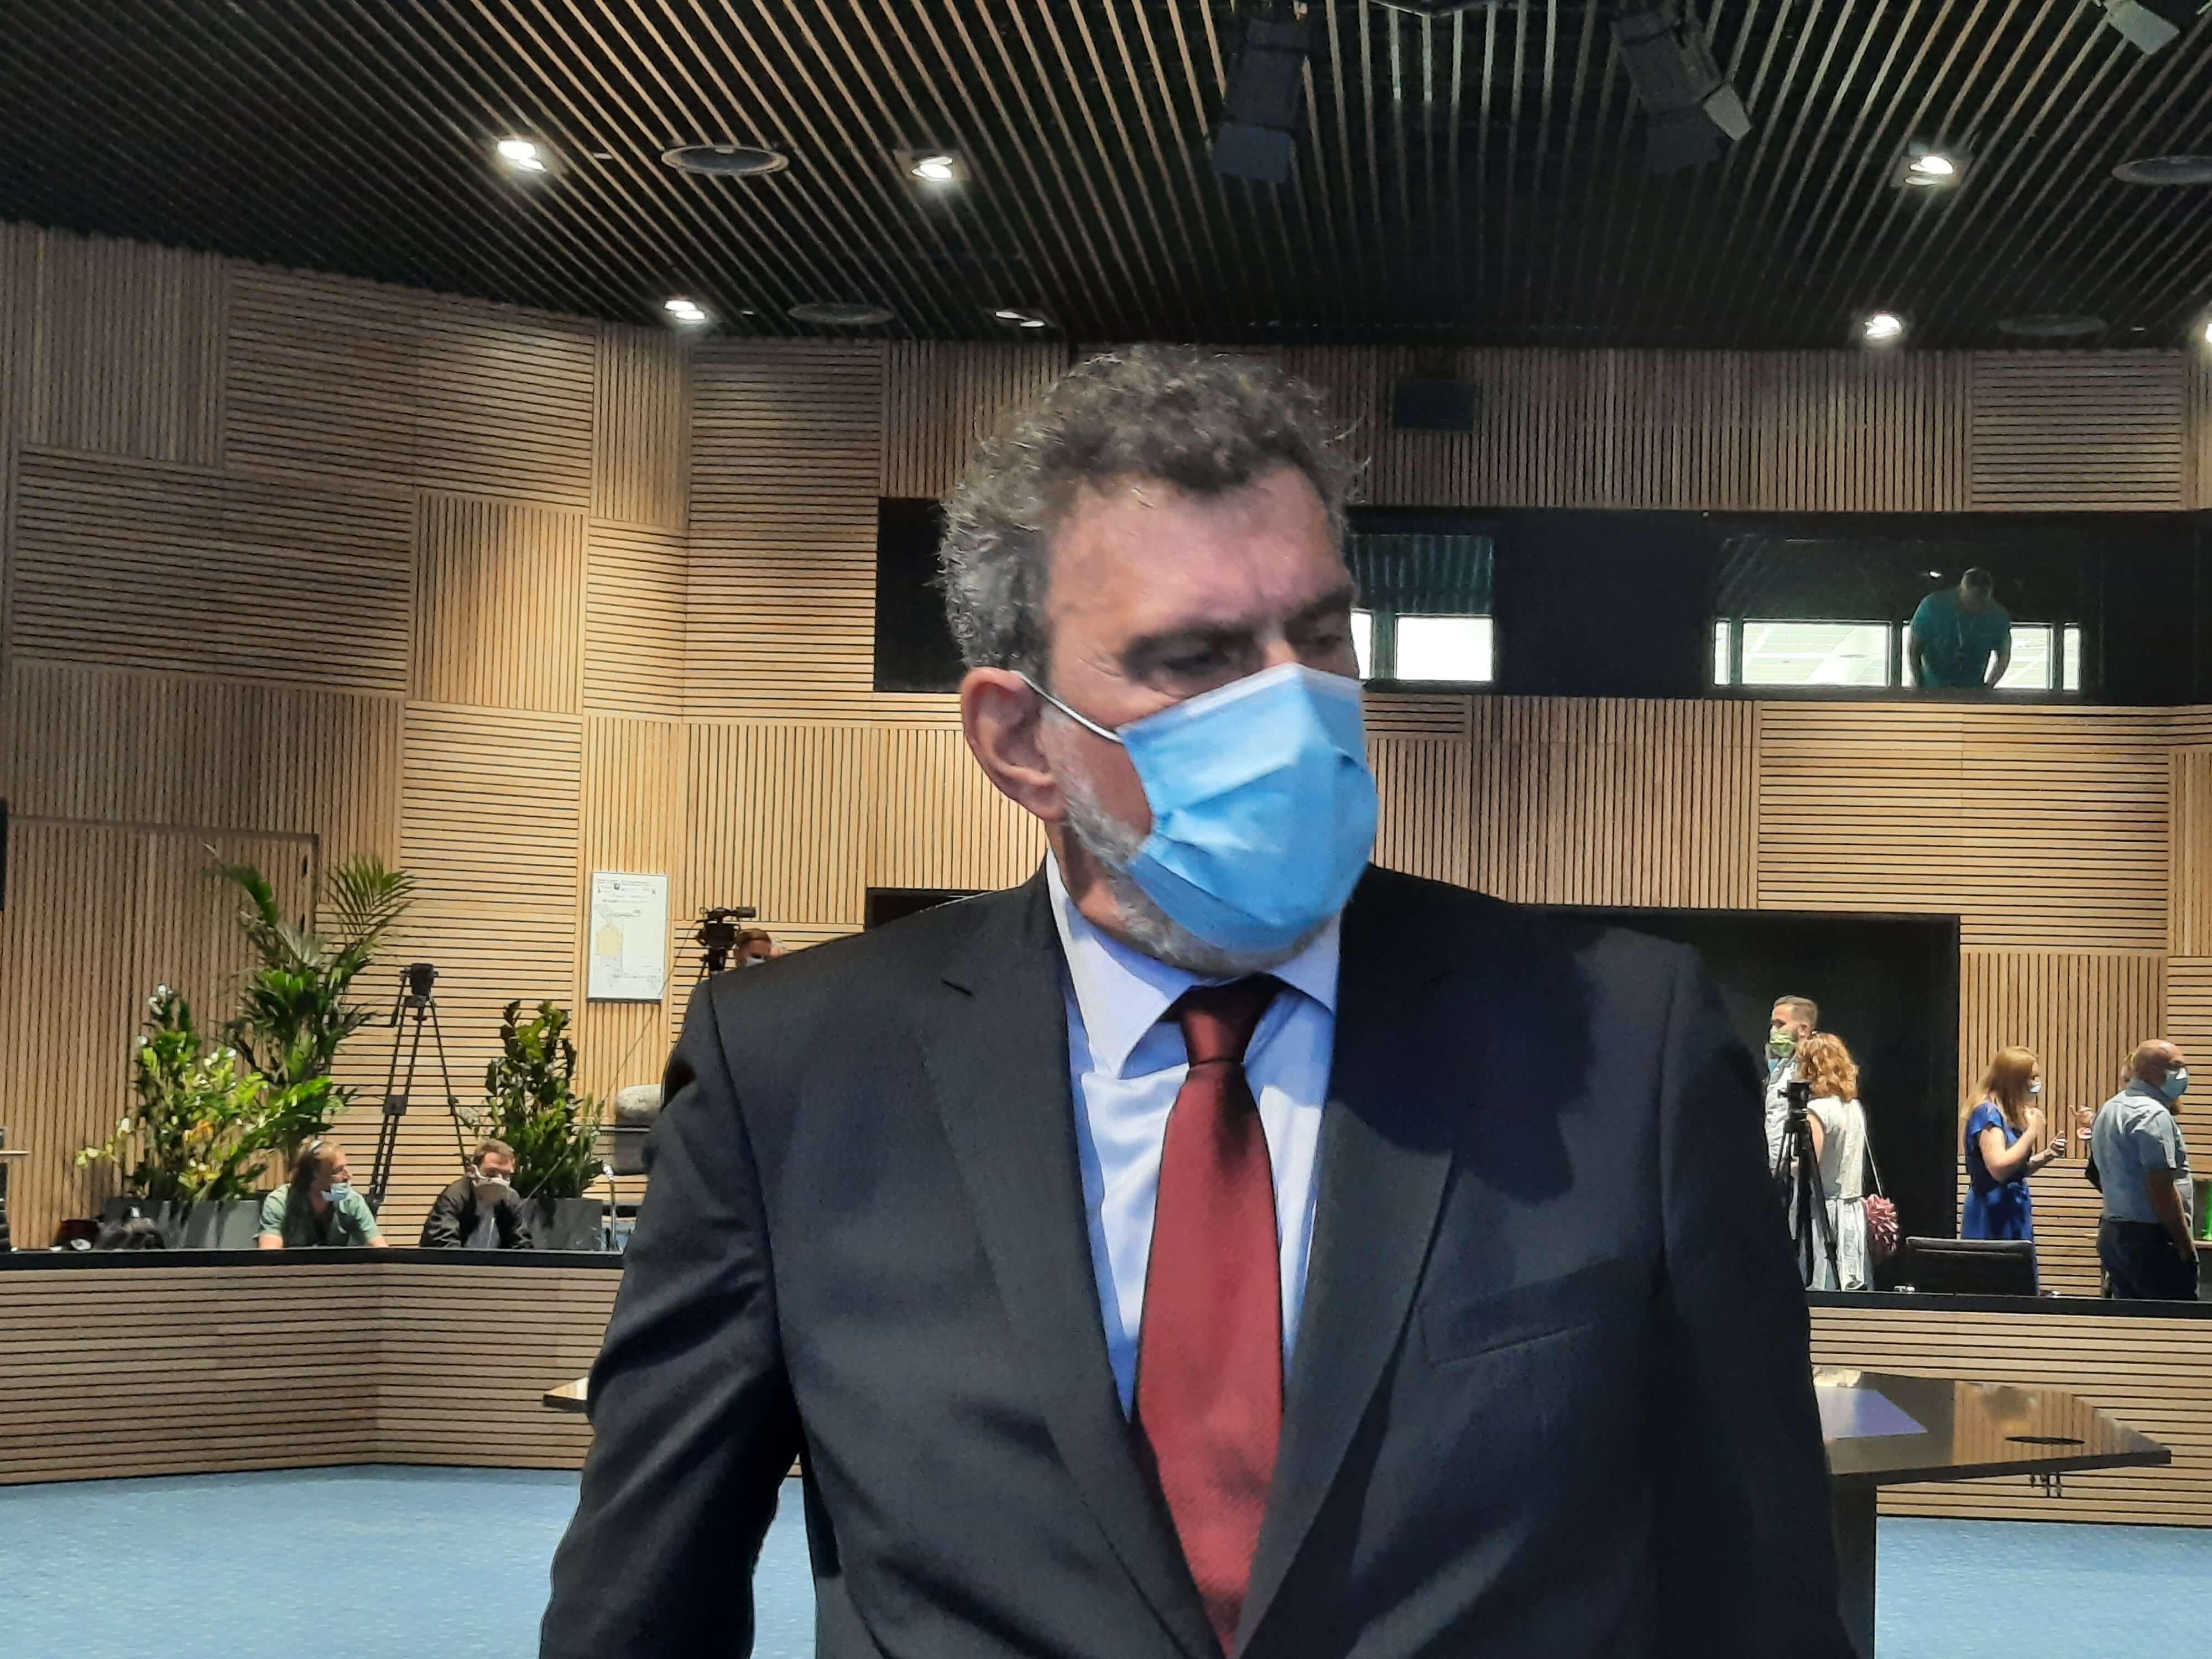 Ipak ne trebamo brinuti za ministrovo zdravlje: Fuchs je negativan na koronu